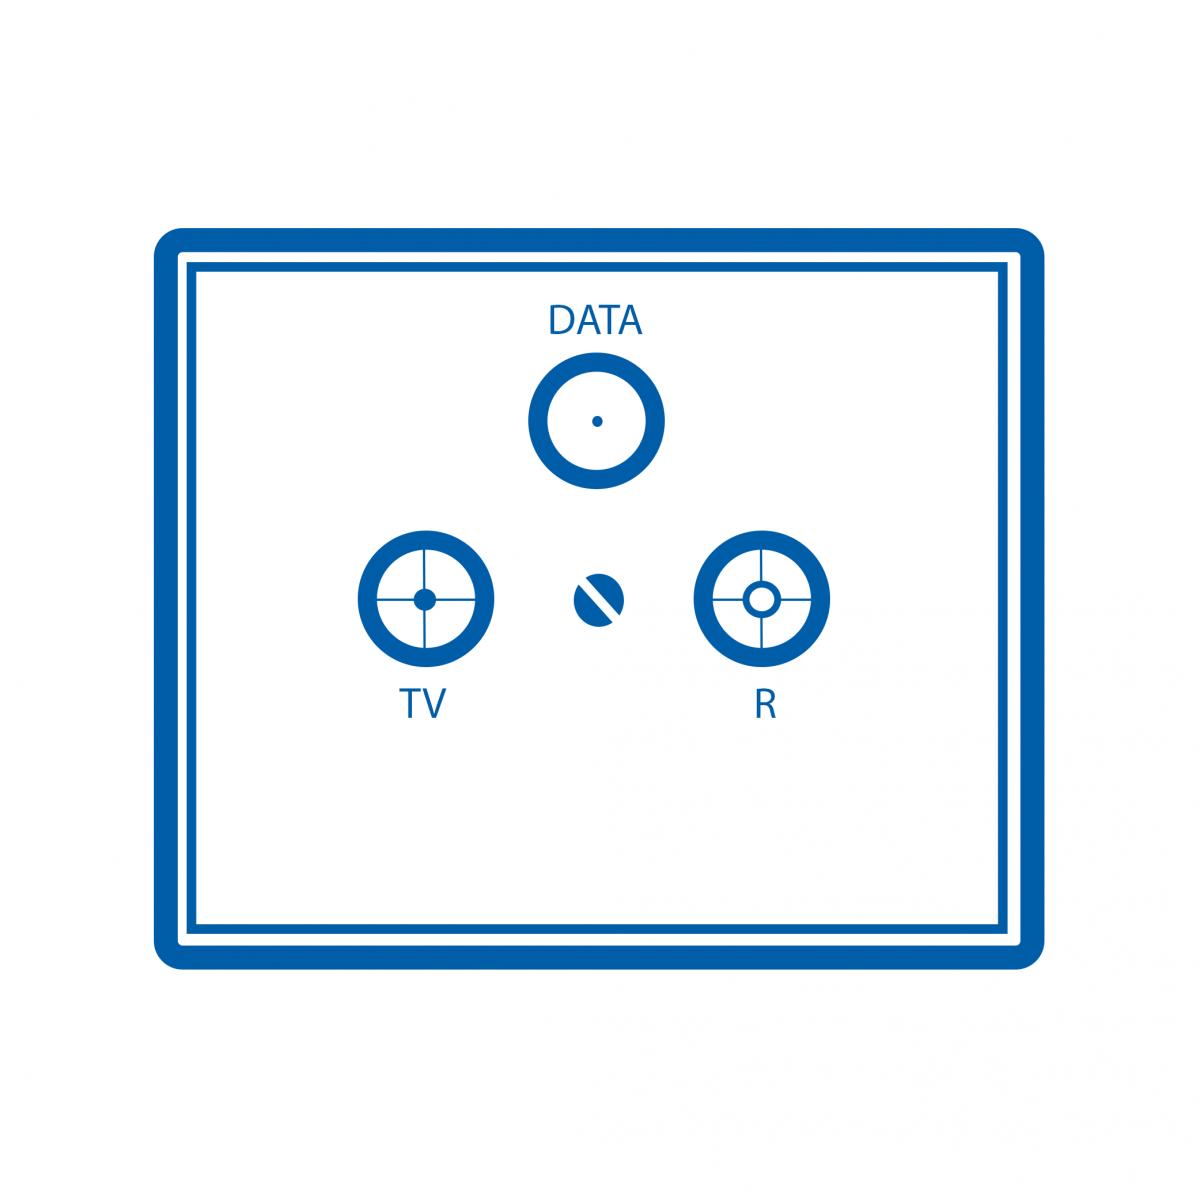 DSL, Kabel, Glasfaser: Technik erklärt | CHECK24